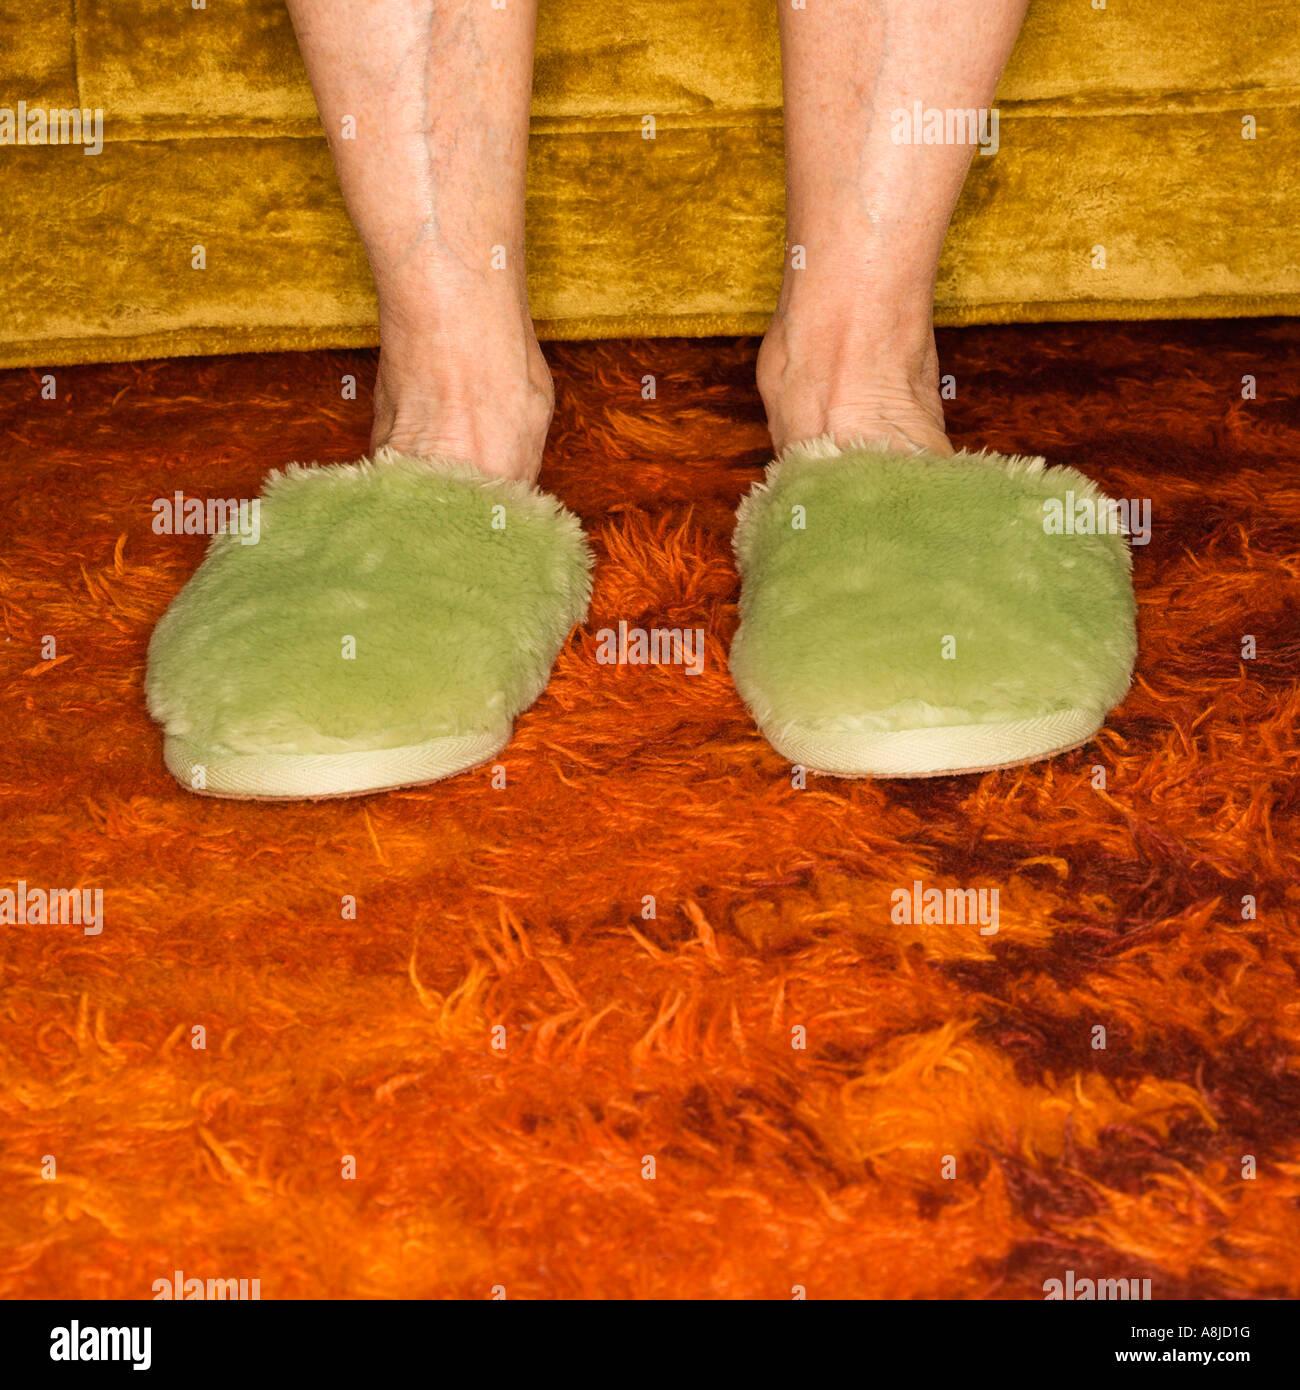 Caucasian senior female feet wearing green bedroom slippers on carpet Stock Photo